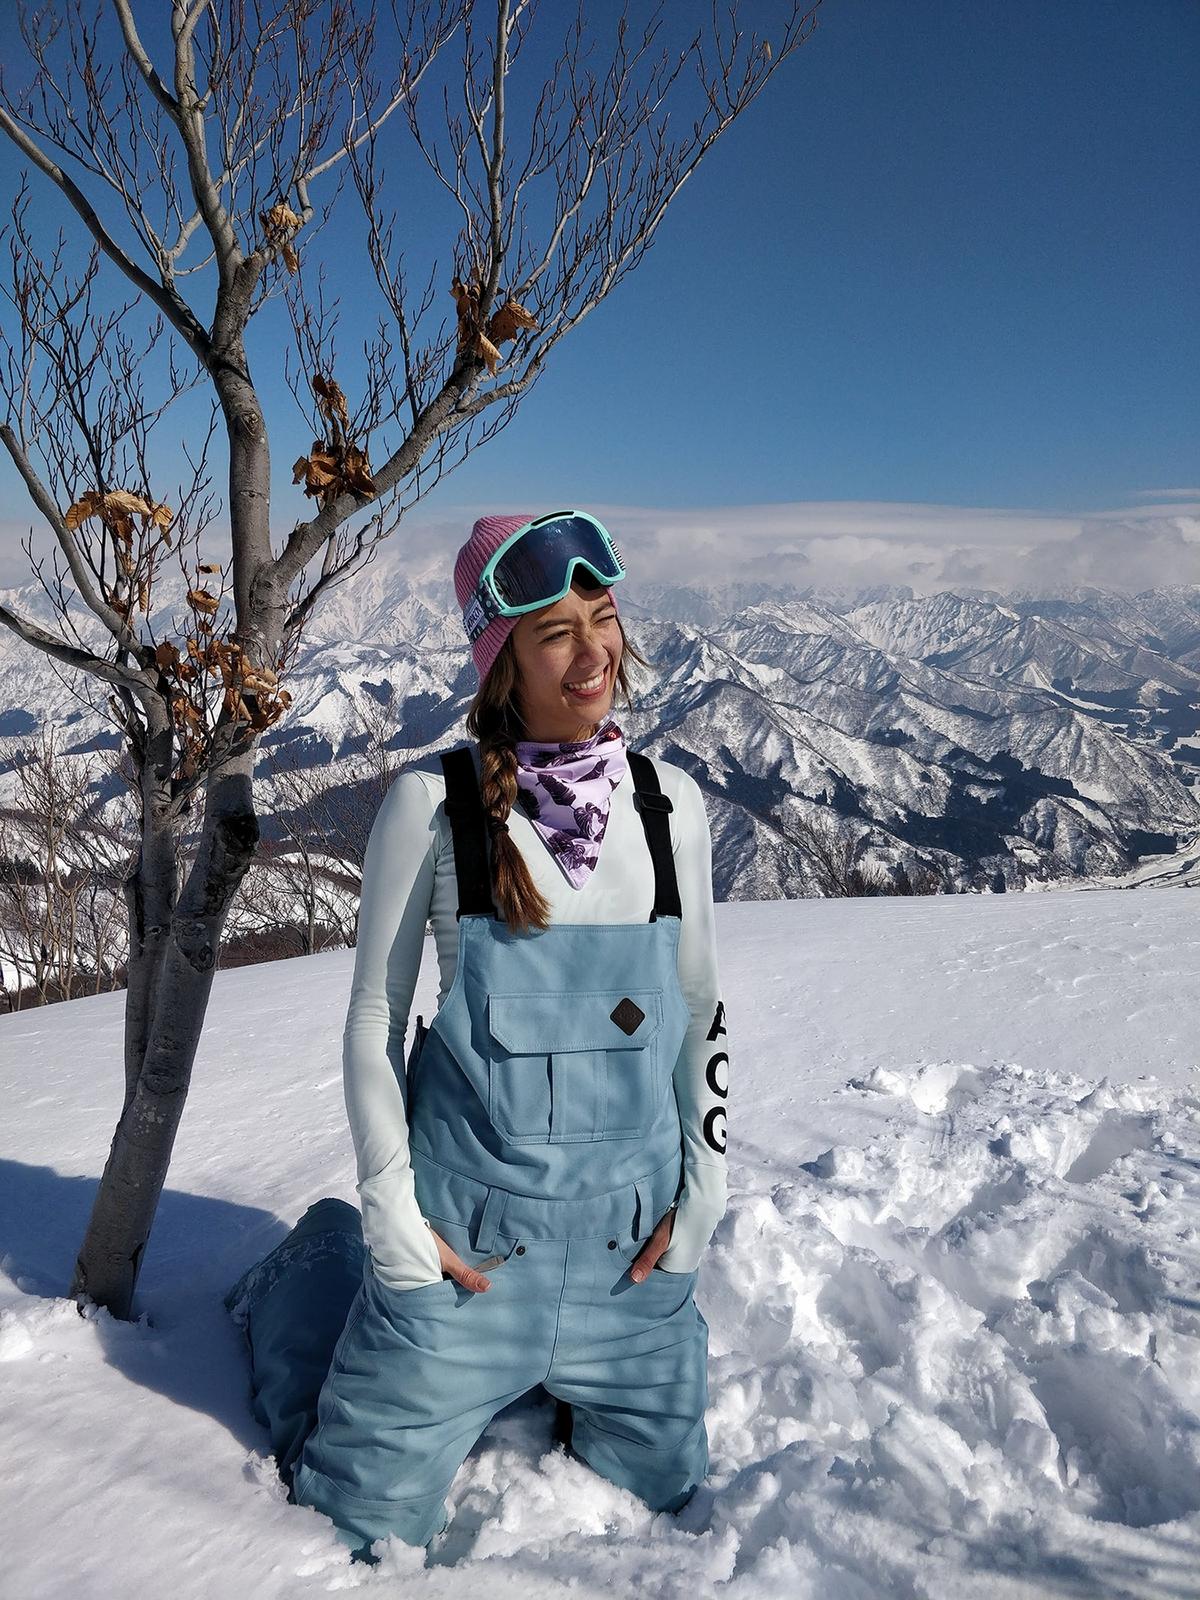 瑞瑪席丹滑雪秀腹肌 拚命三娘摔歪尾椎